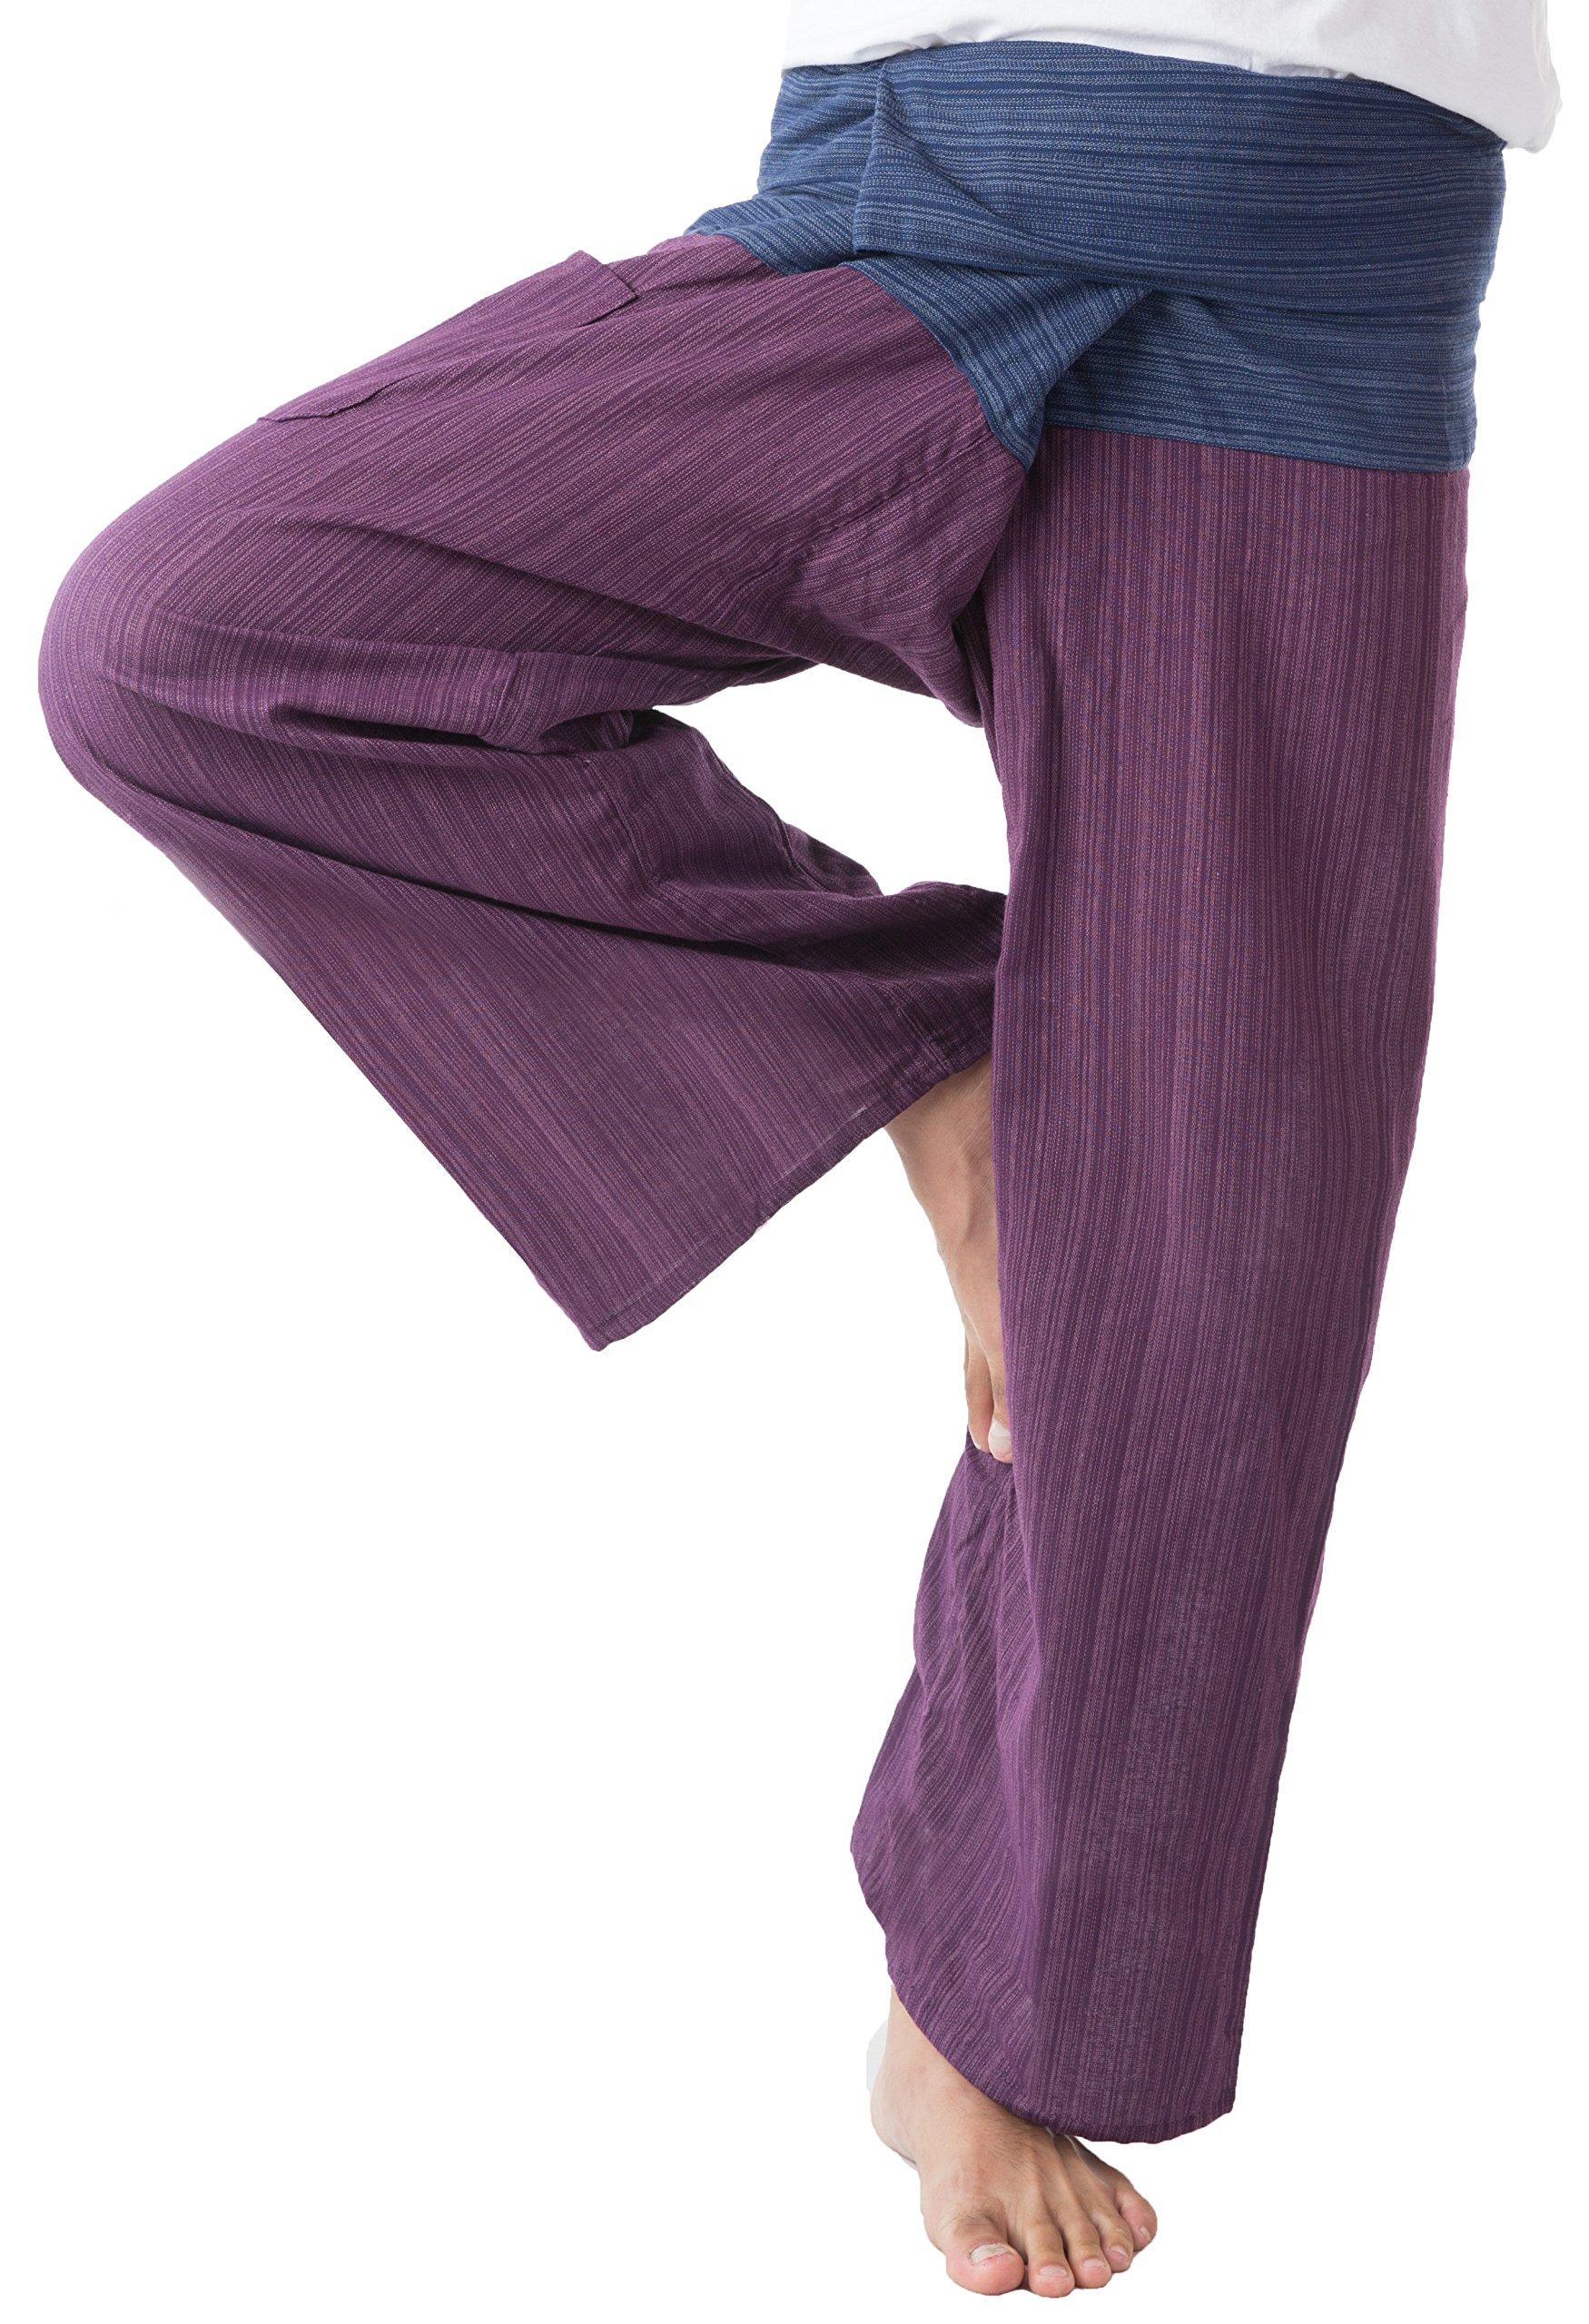 Thai Fisherman Pants Men's Yoga Trousers Blue and Maroon 2 Tone Pant by MEMITR